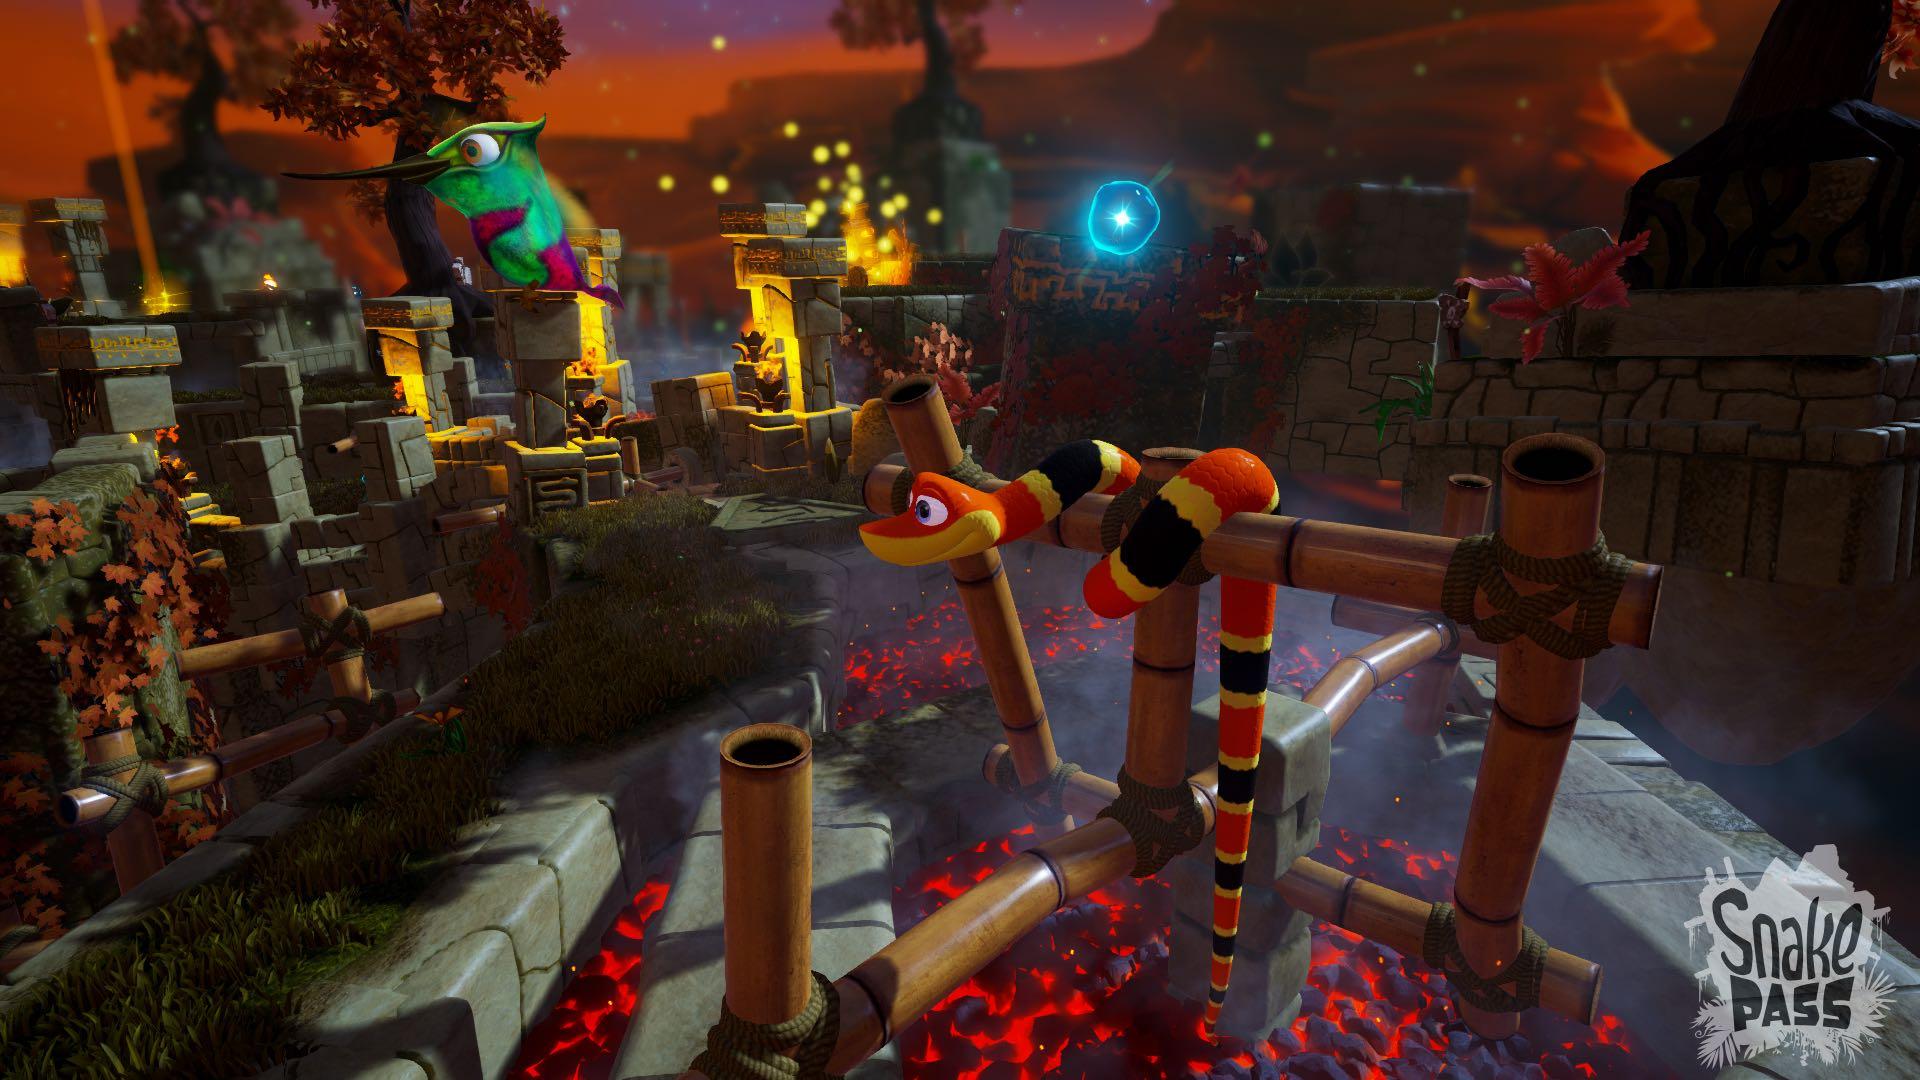 Snake Pass - Fire Screenshot 4